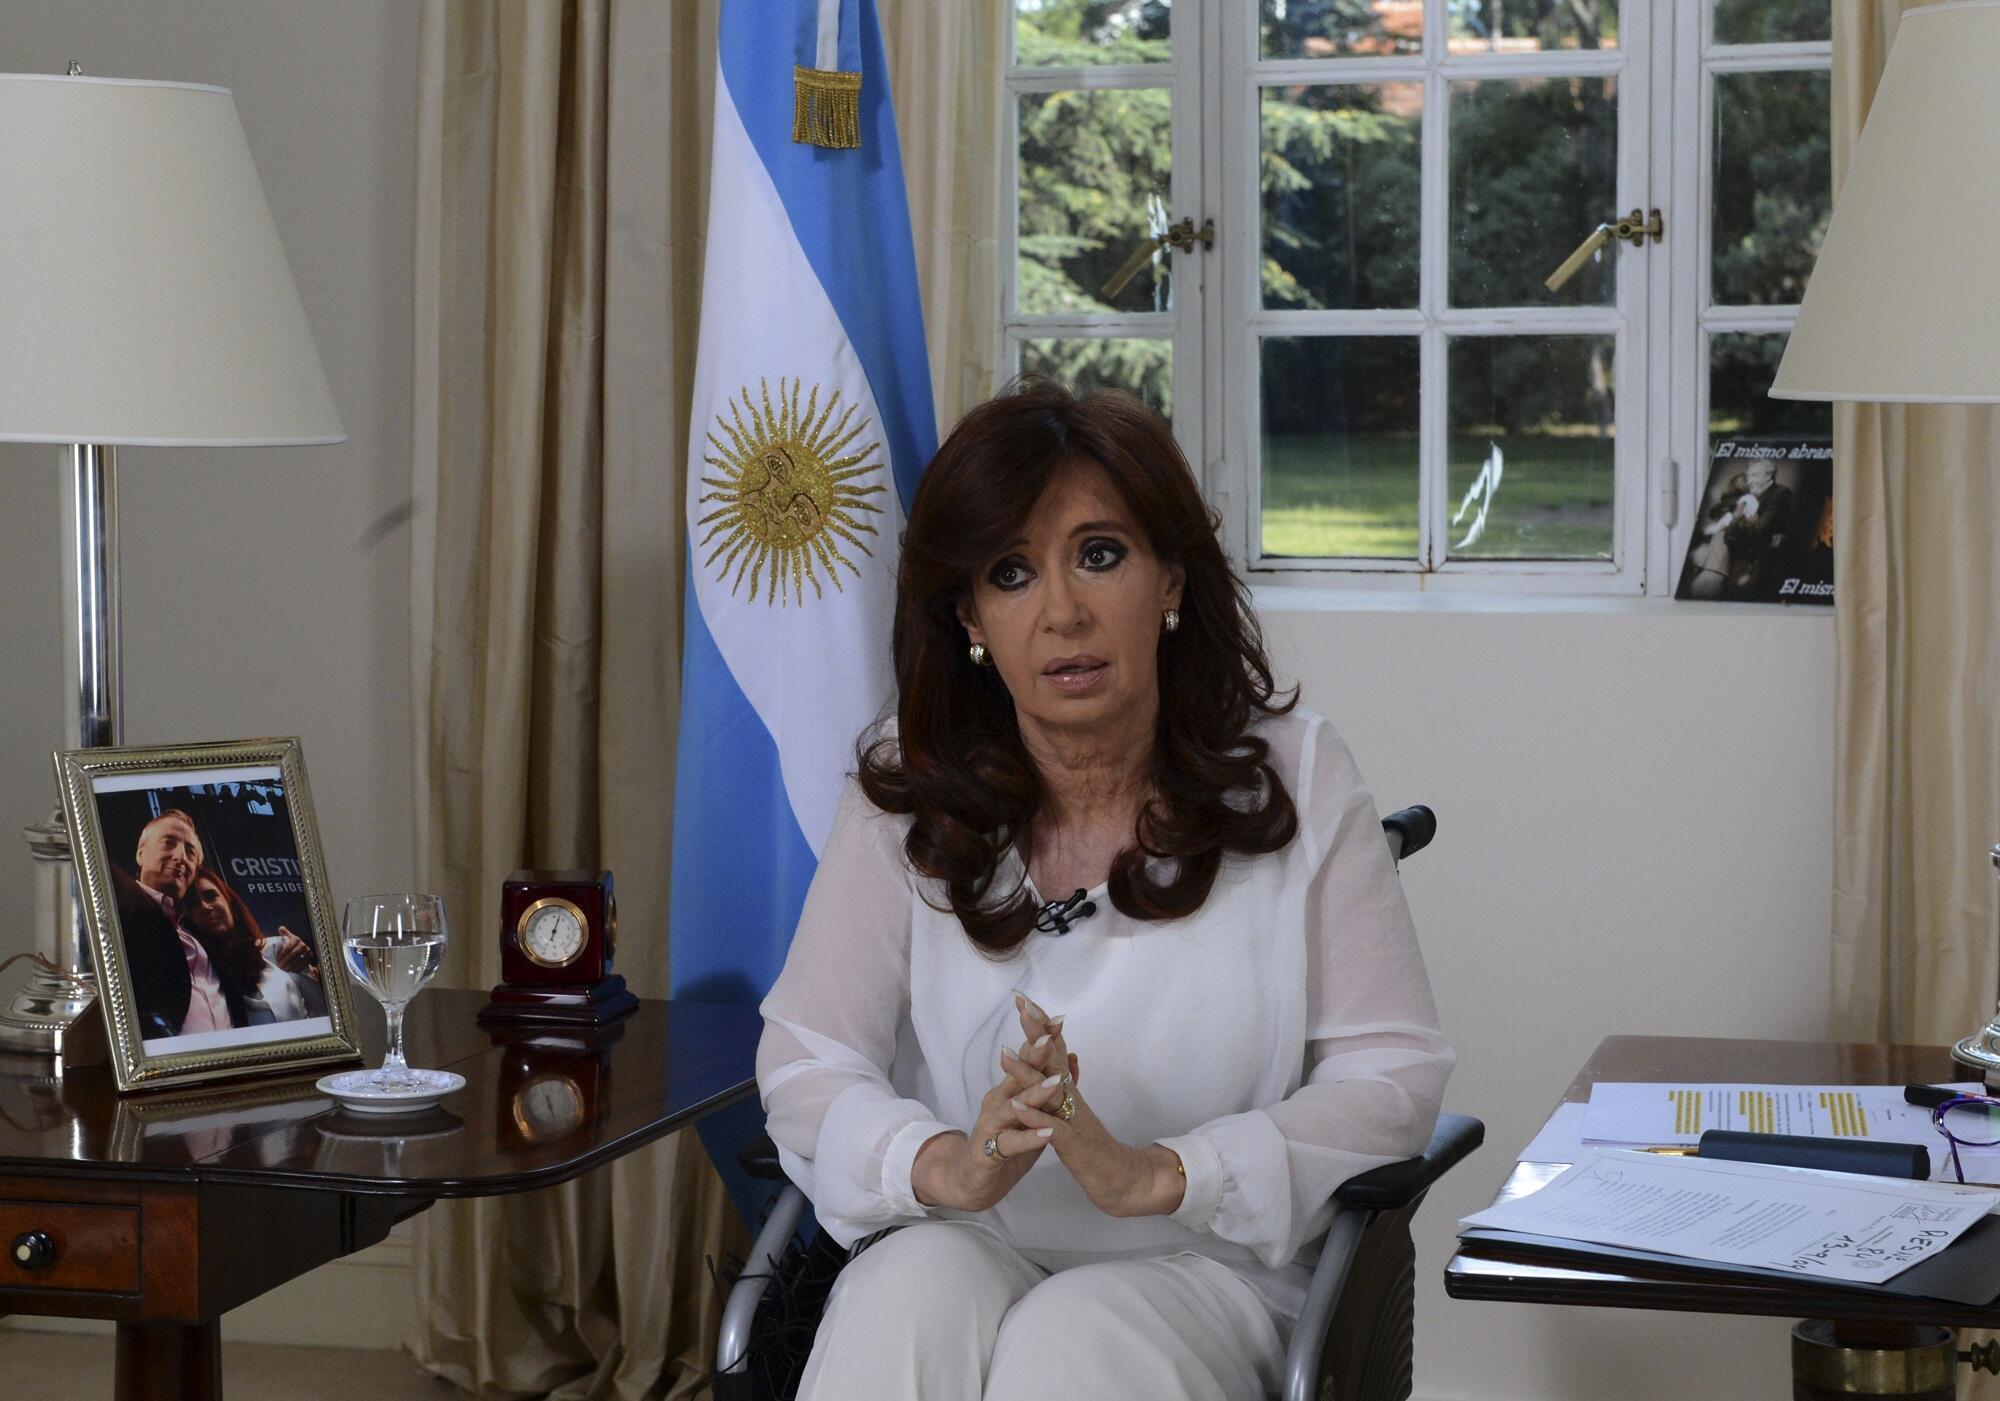 La presidenta Argentina durante su declaración televisiva el 26 de enero de 2015.